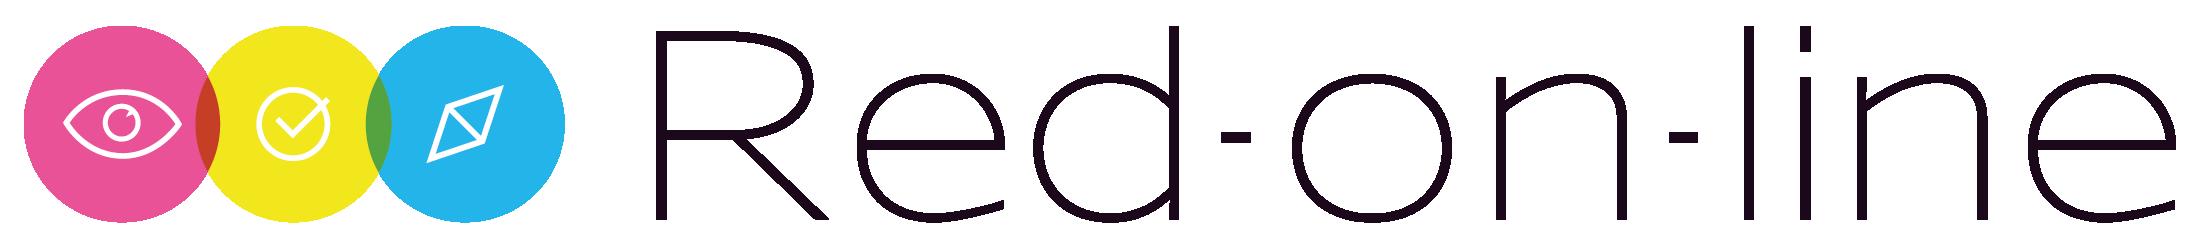 Red-on-line, un triptyque créé pour aider les professionnels HSE